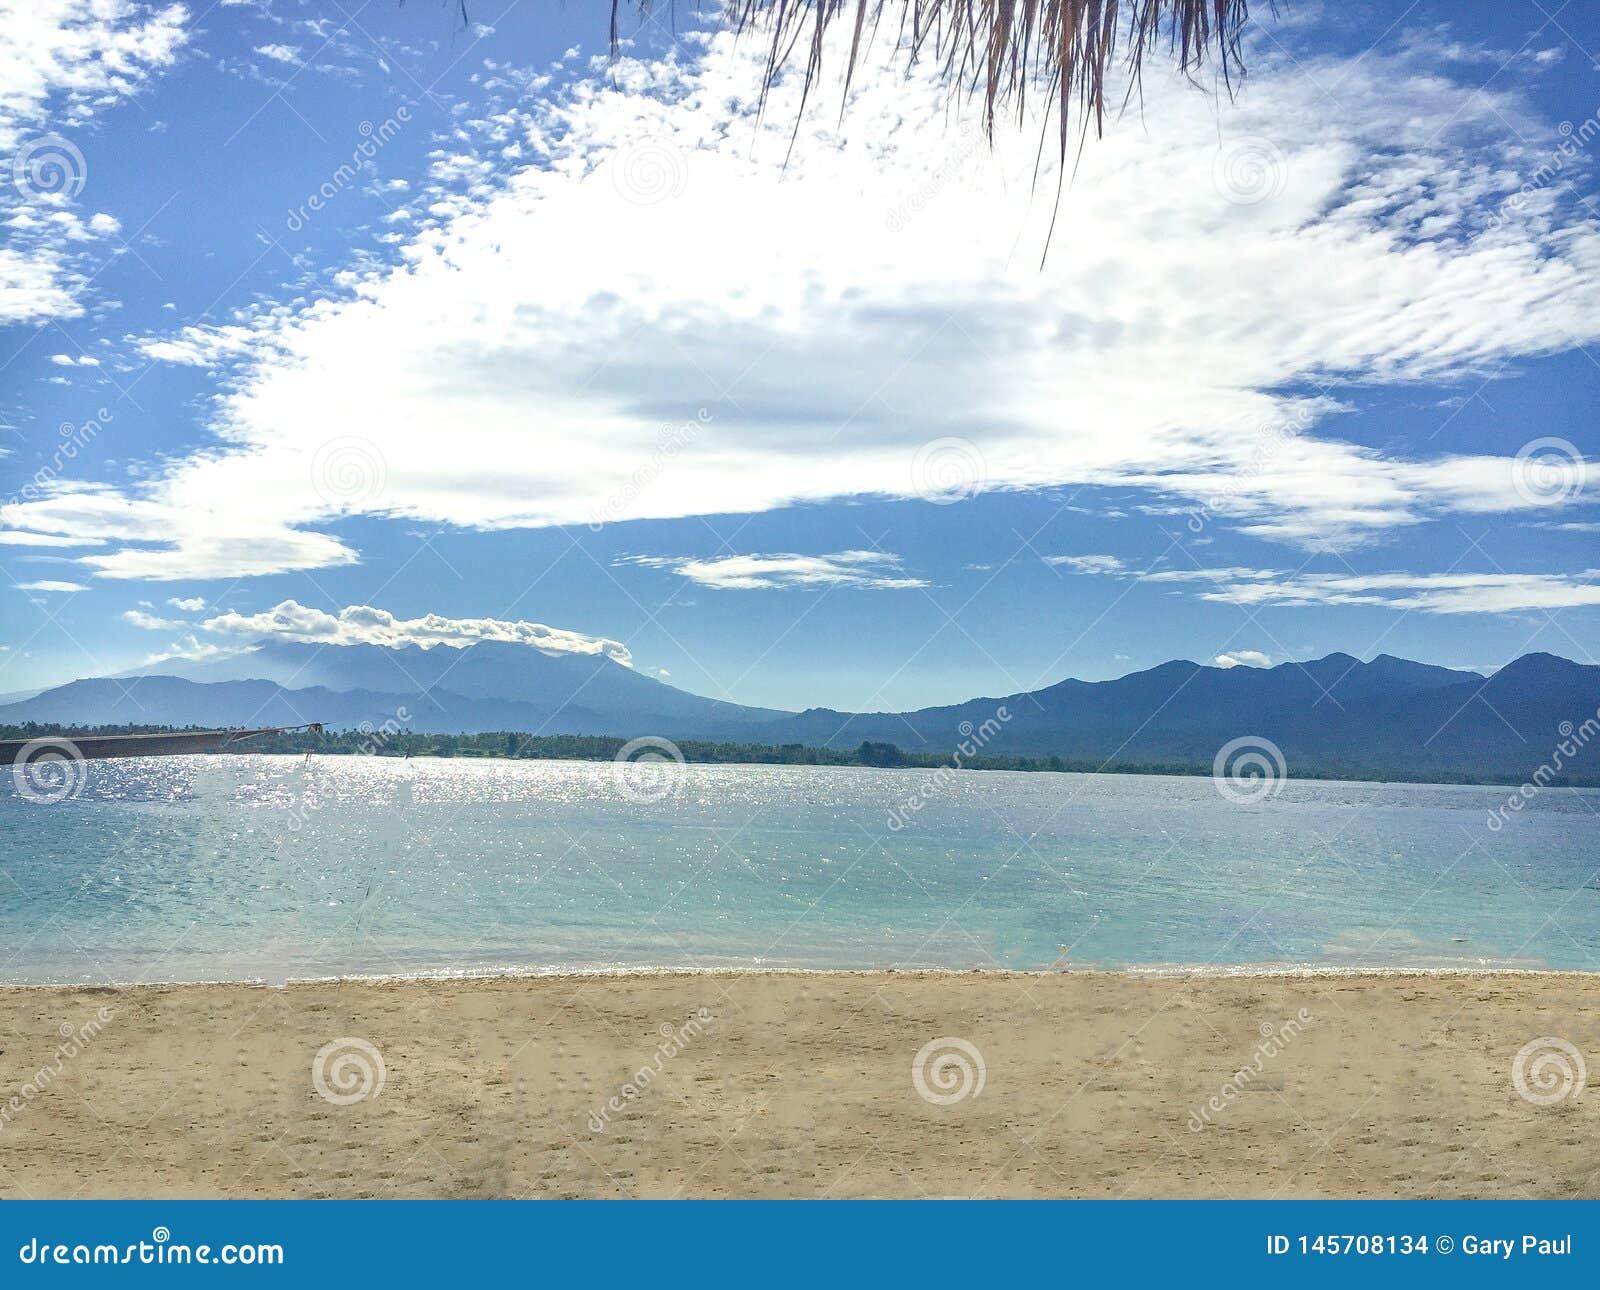 Μια άποψη από το νησί του αέρα Gili που παρουσιάζει το νησί Lombok στην απόσταση